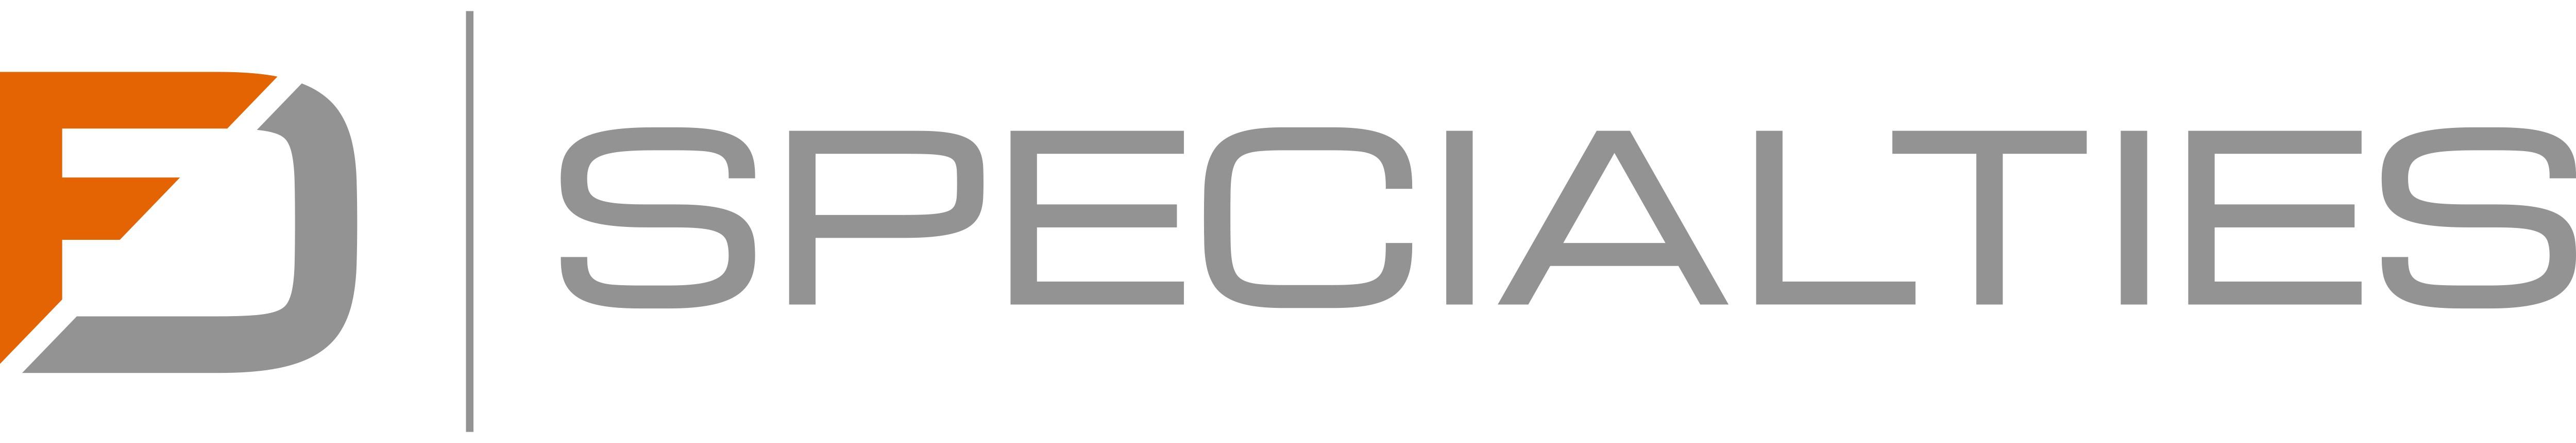 Logo design for FD Specialties